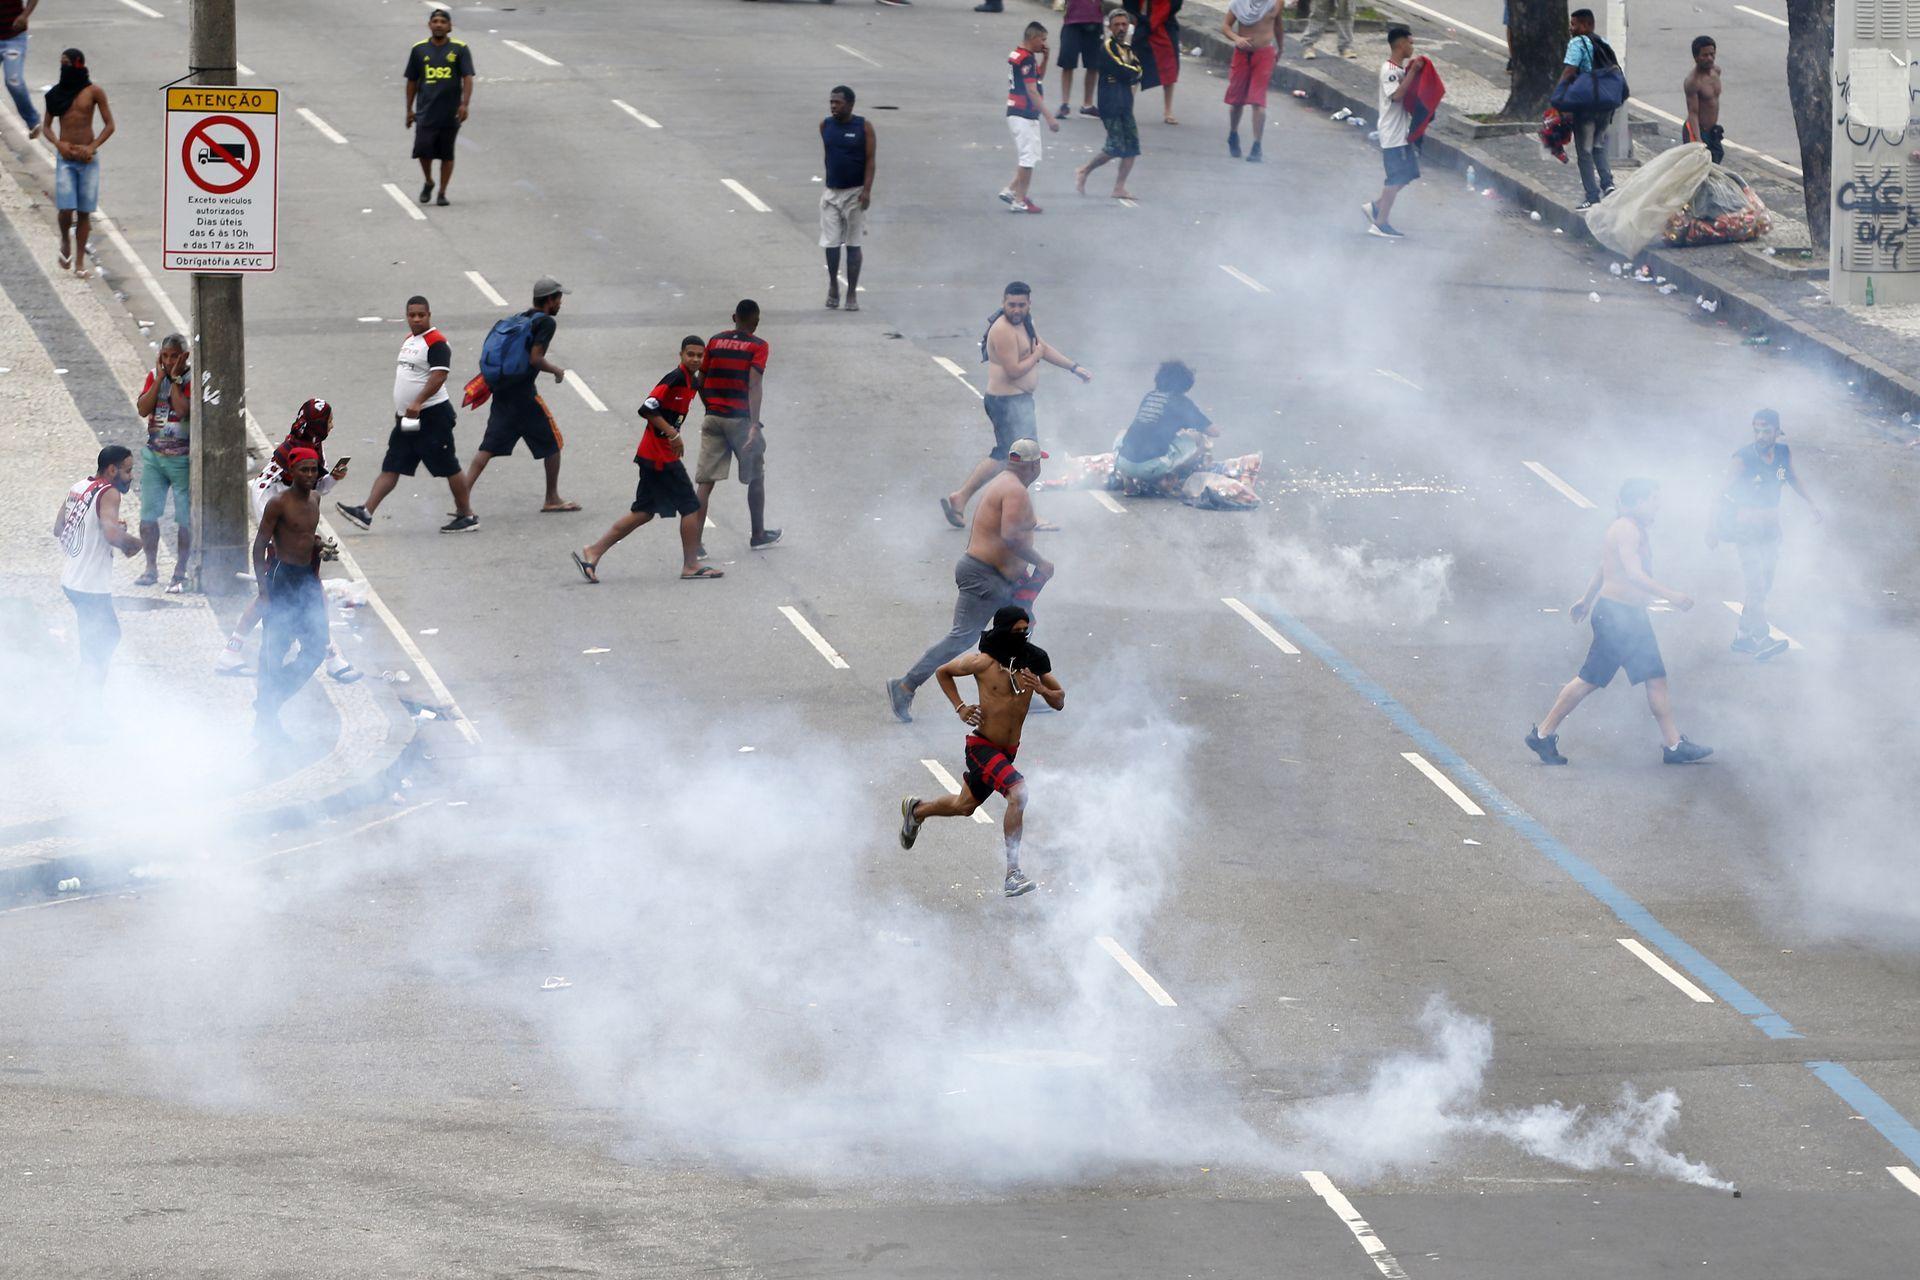 Както често става в Бразилия, карнавалът премина и в сблъсъци с полиция, има и ранени